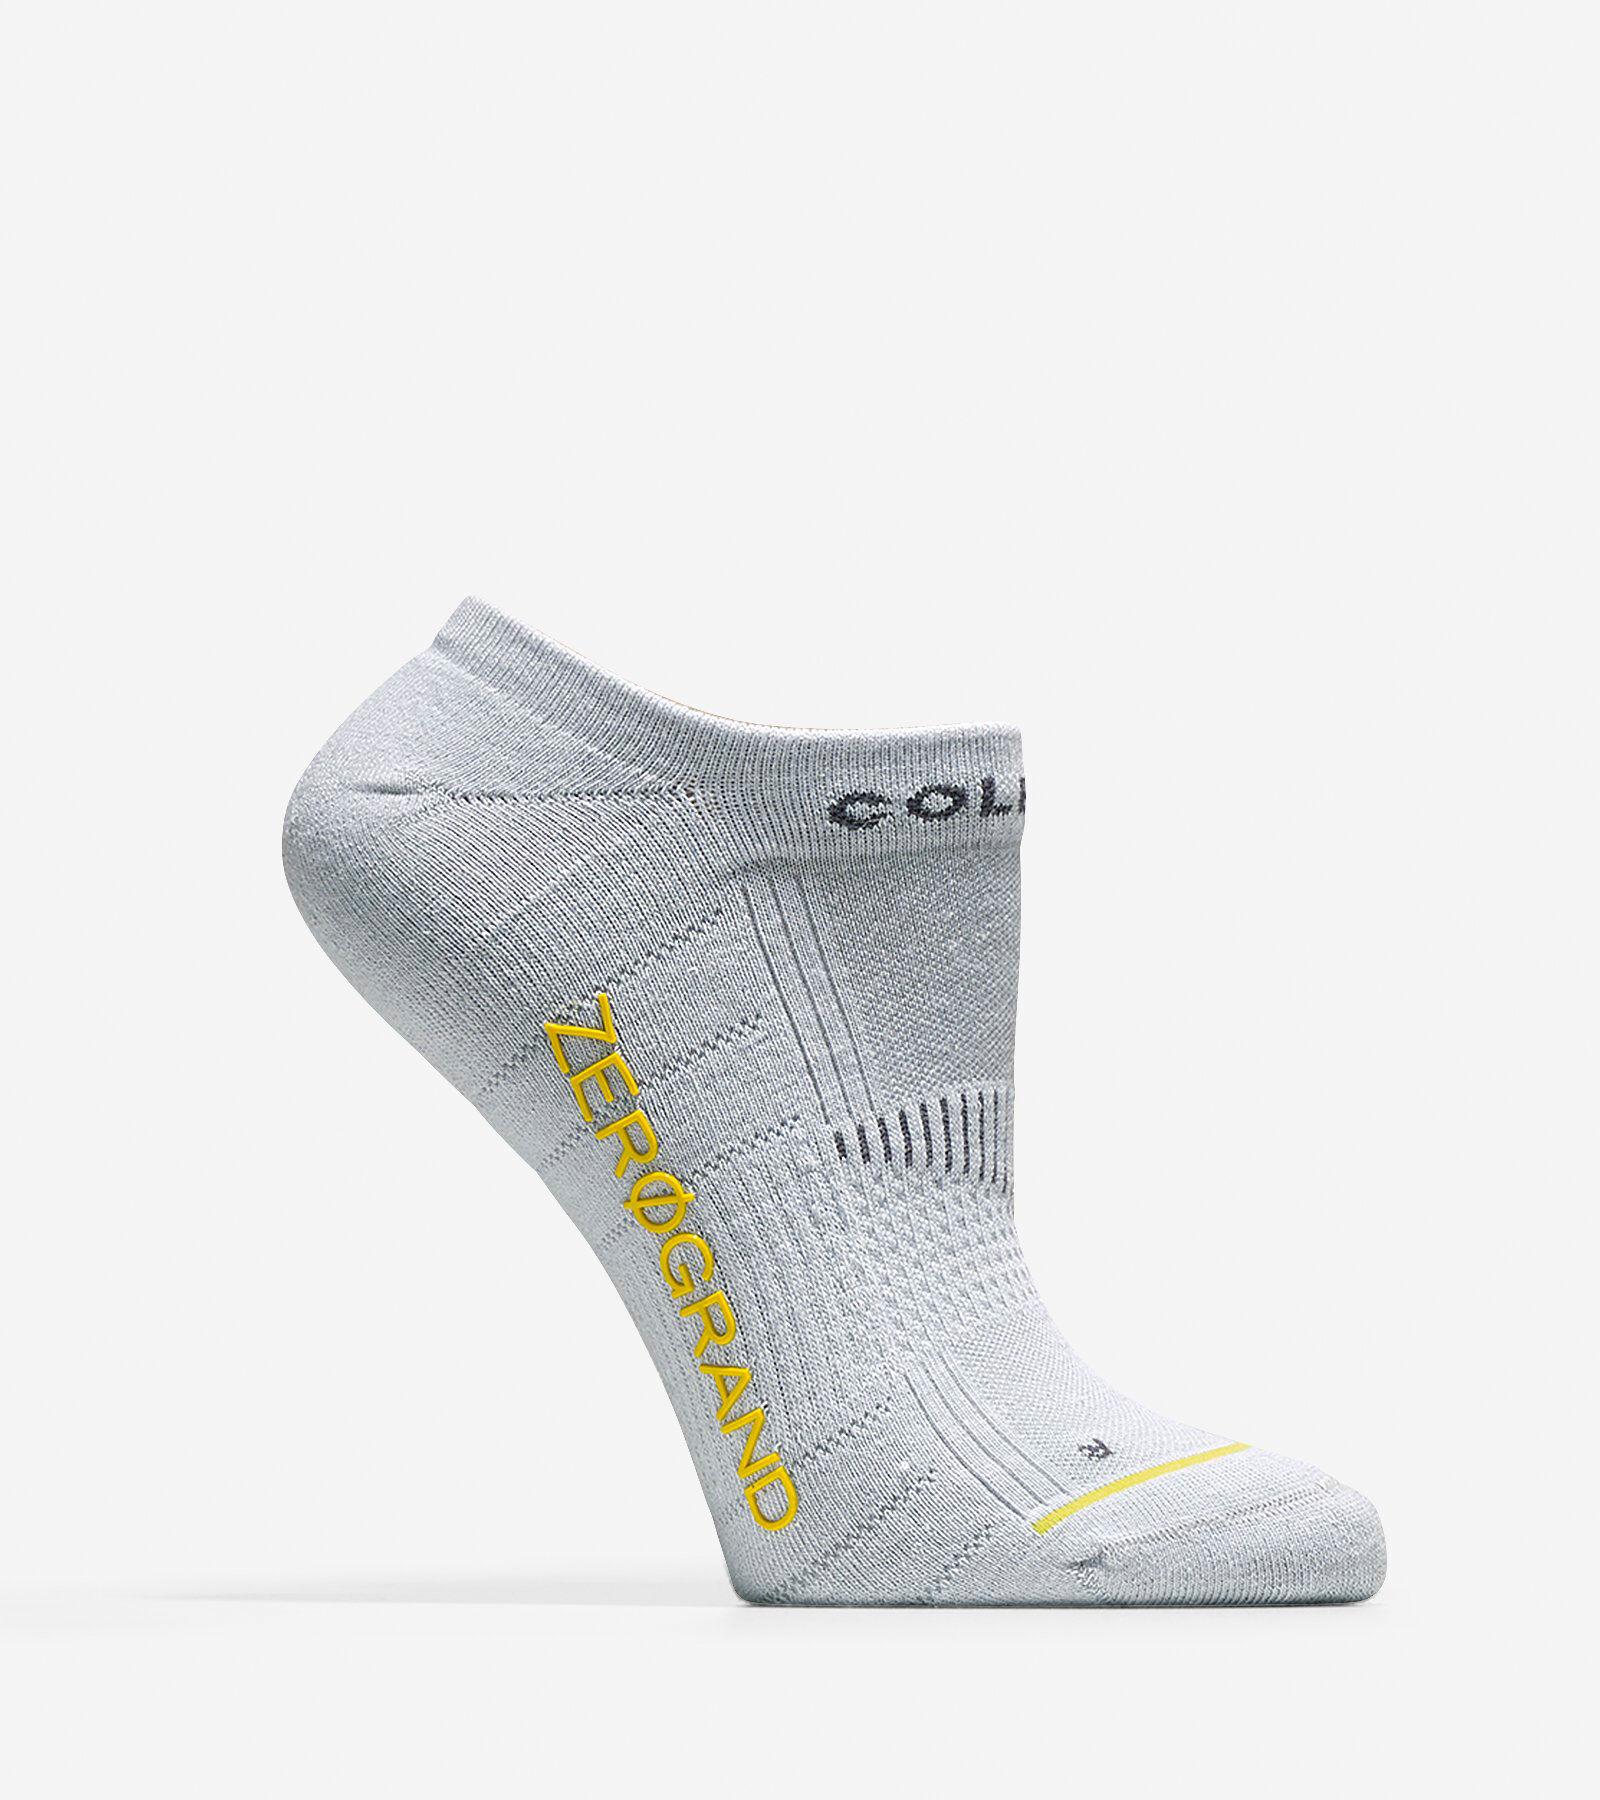 ZEROGRAND Low Cut Socks in Pearl Blue